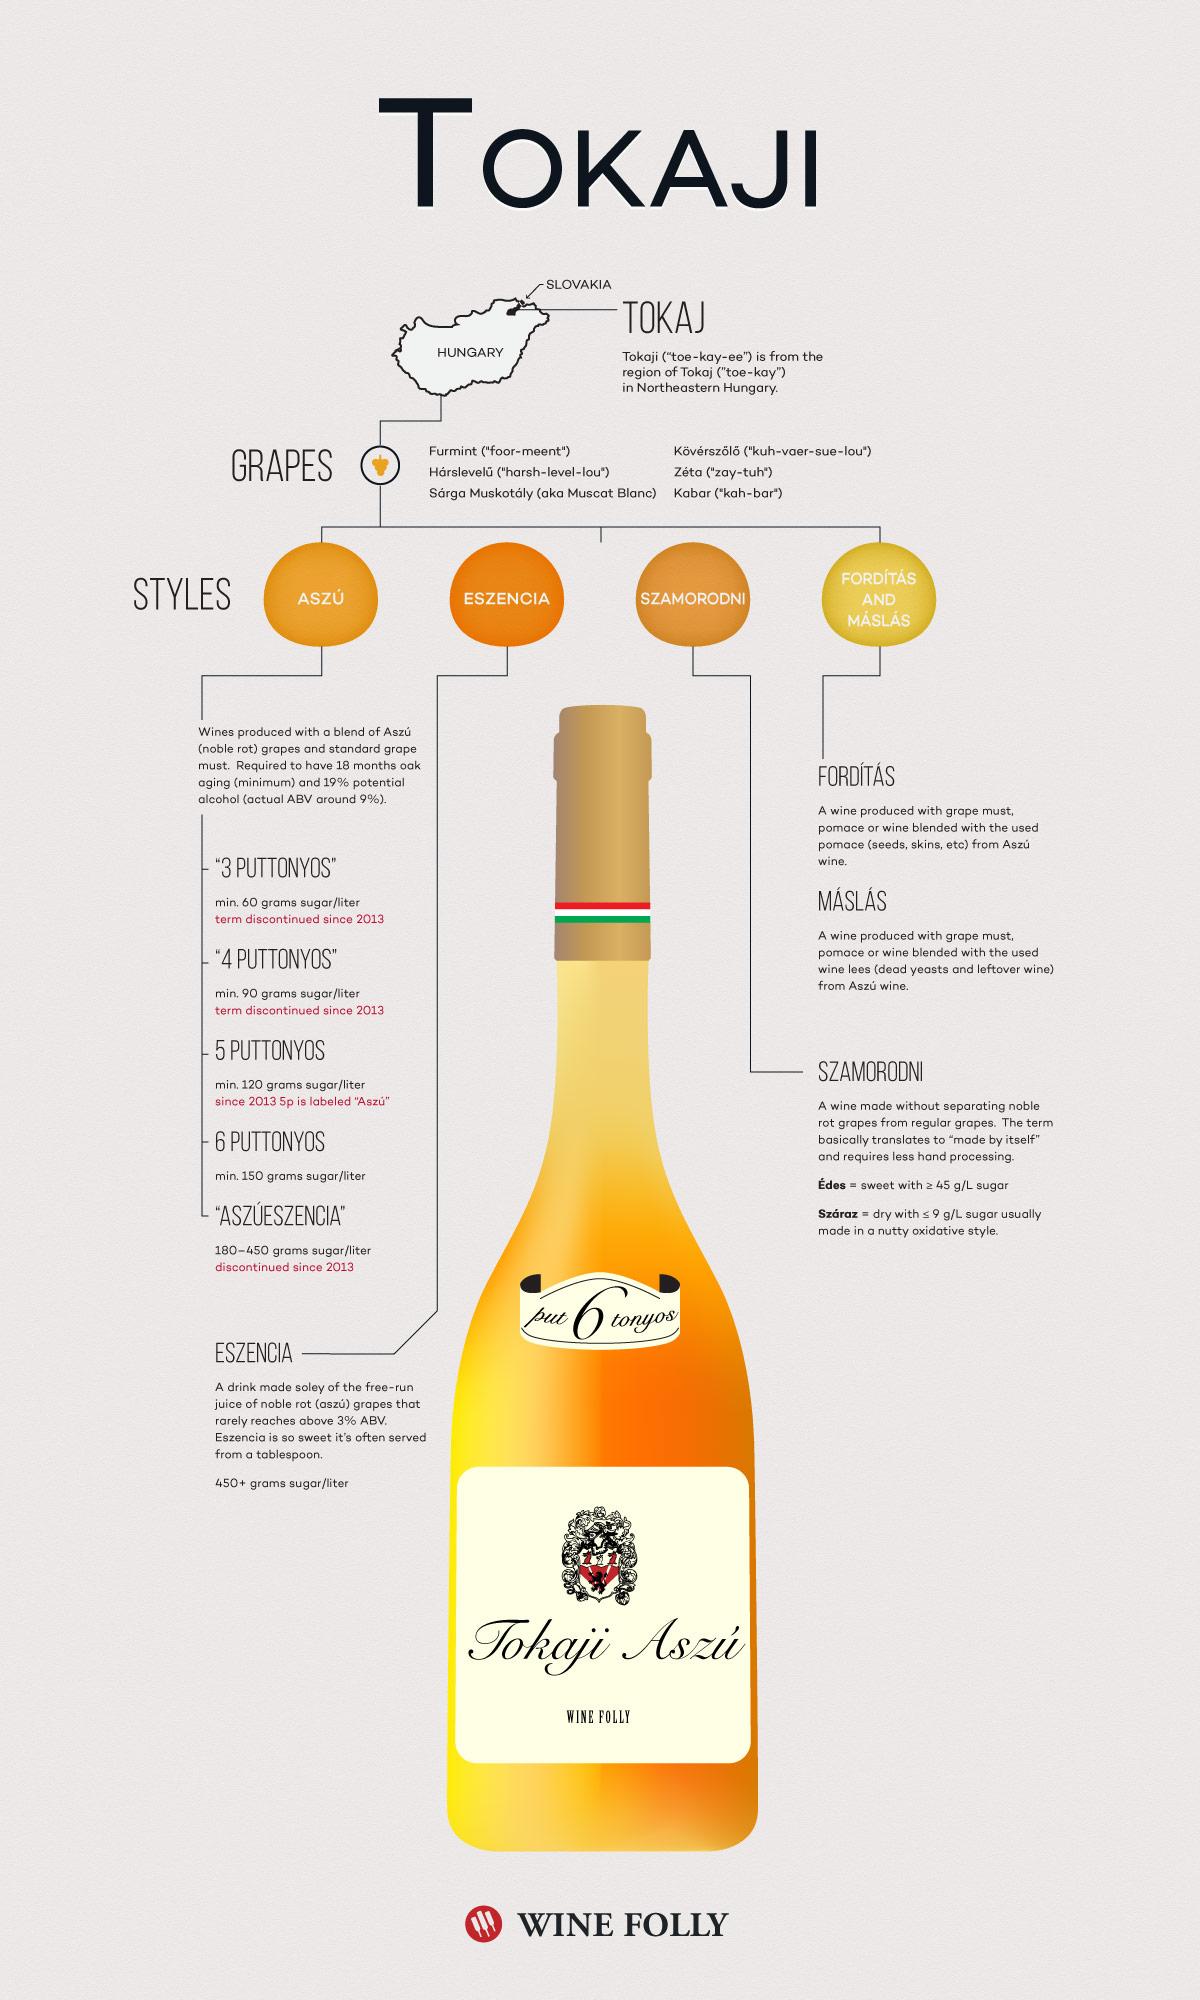 Tokaji Wine Information Sheet (corrected) by Wine Folly